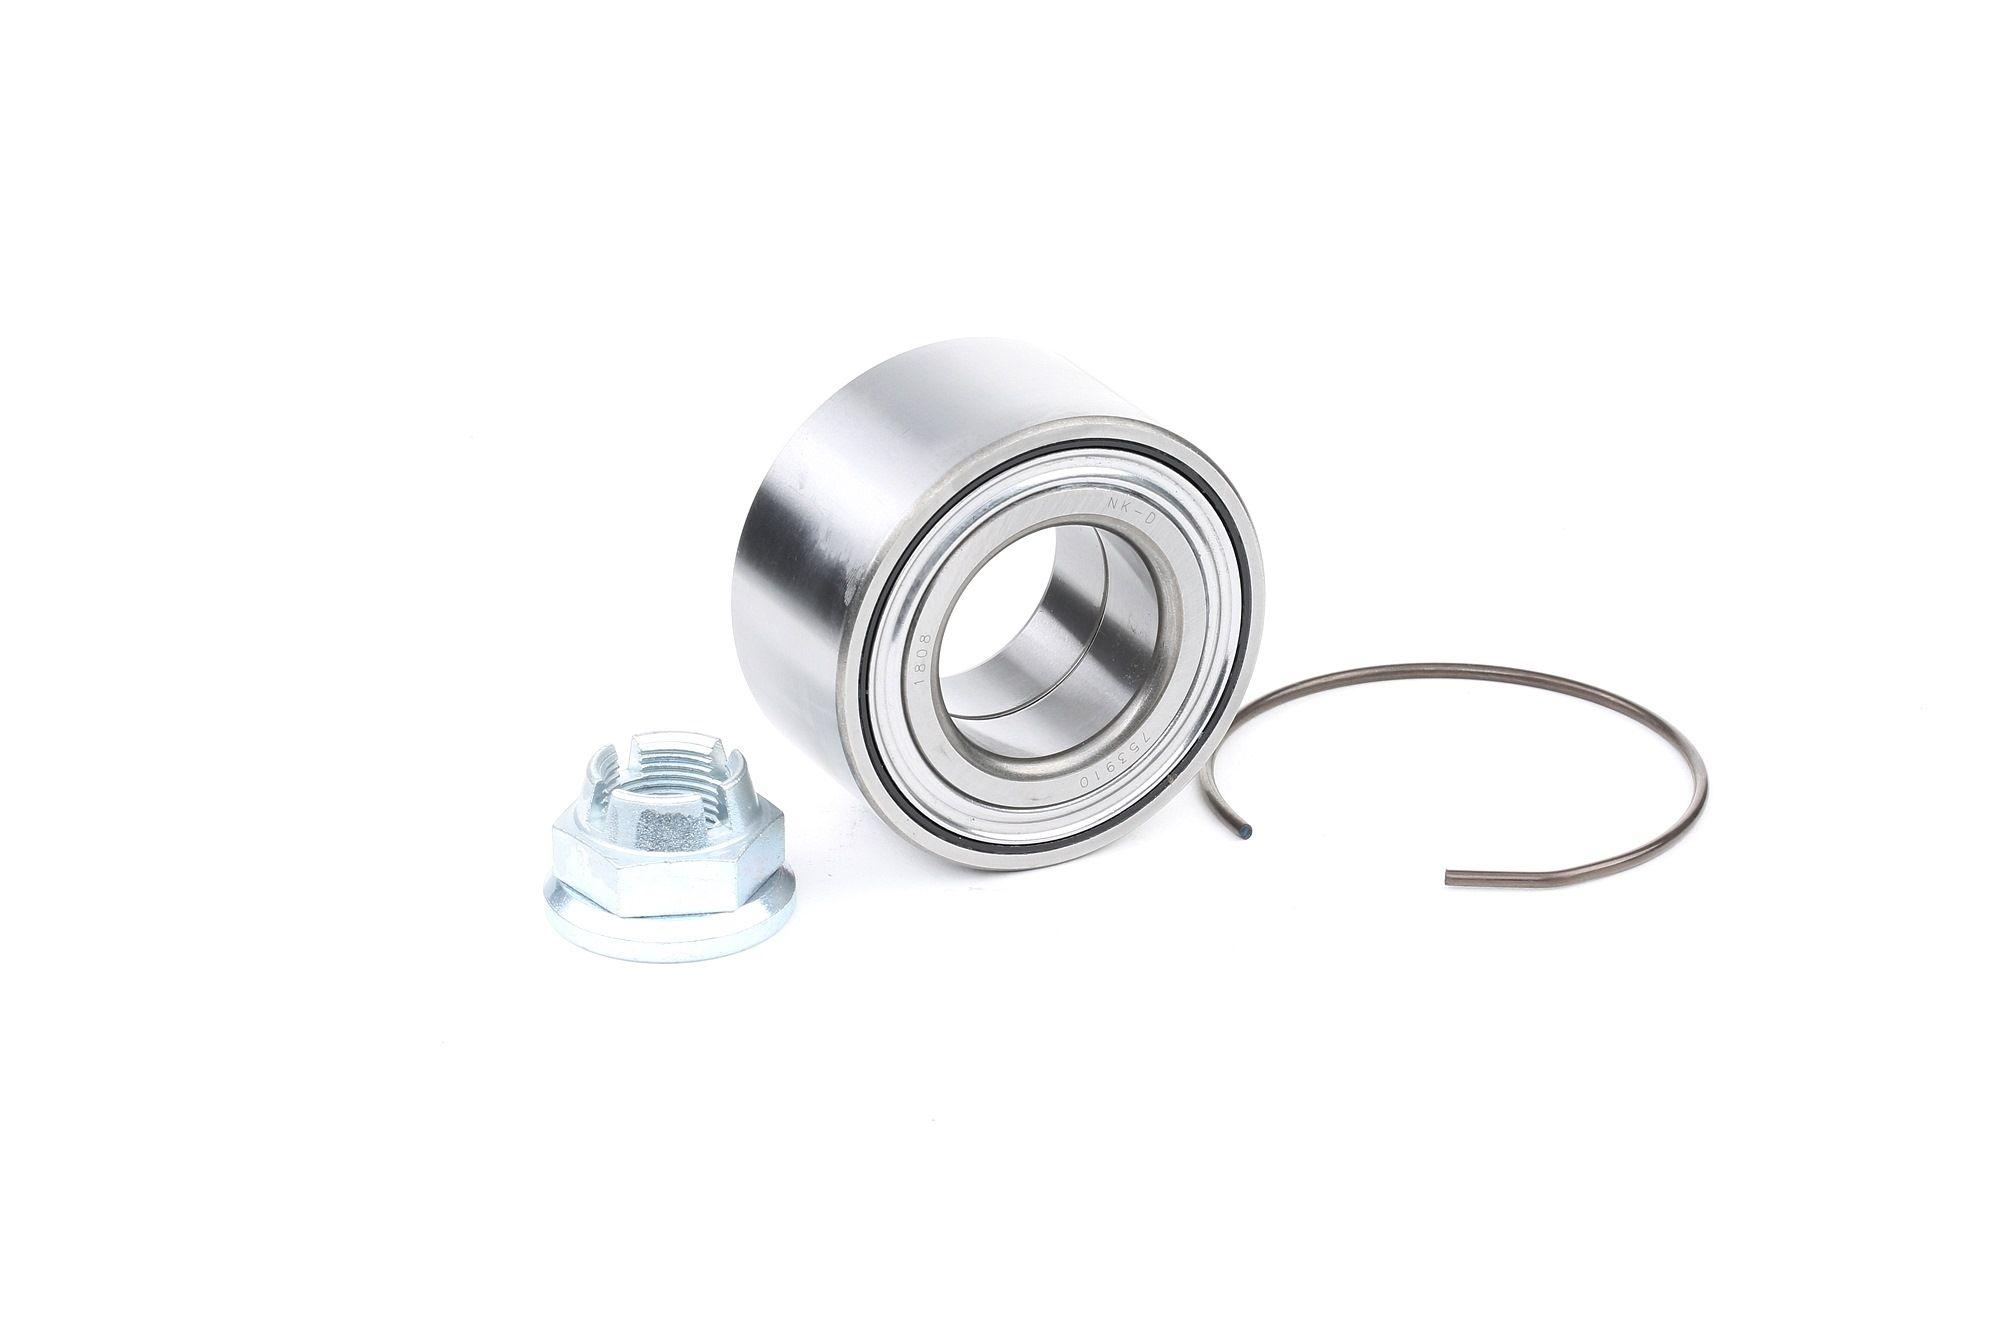 753910 NK Ø: 72mm, Inner Diameter: 36,9mm Wheel Bearing Kit 753910 cheap